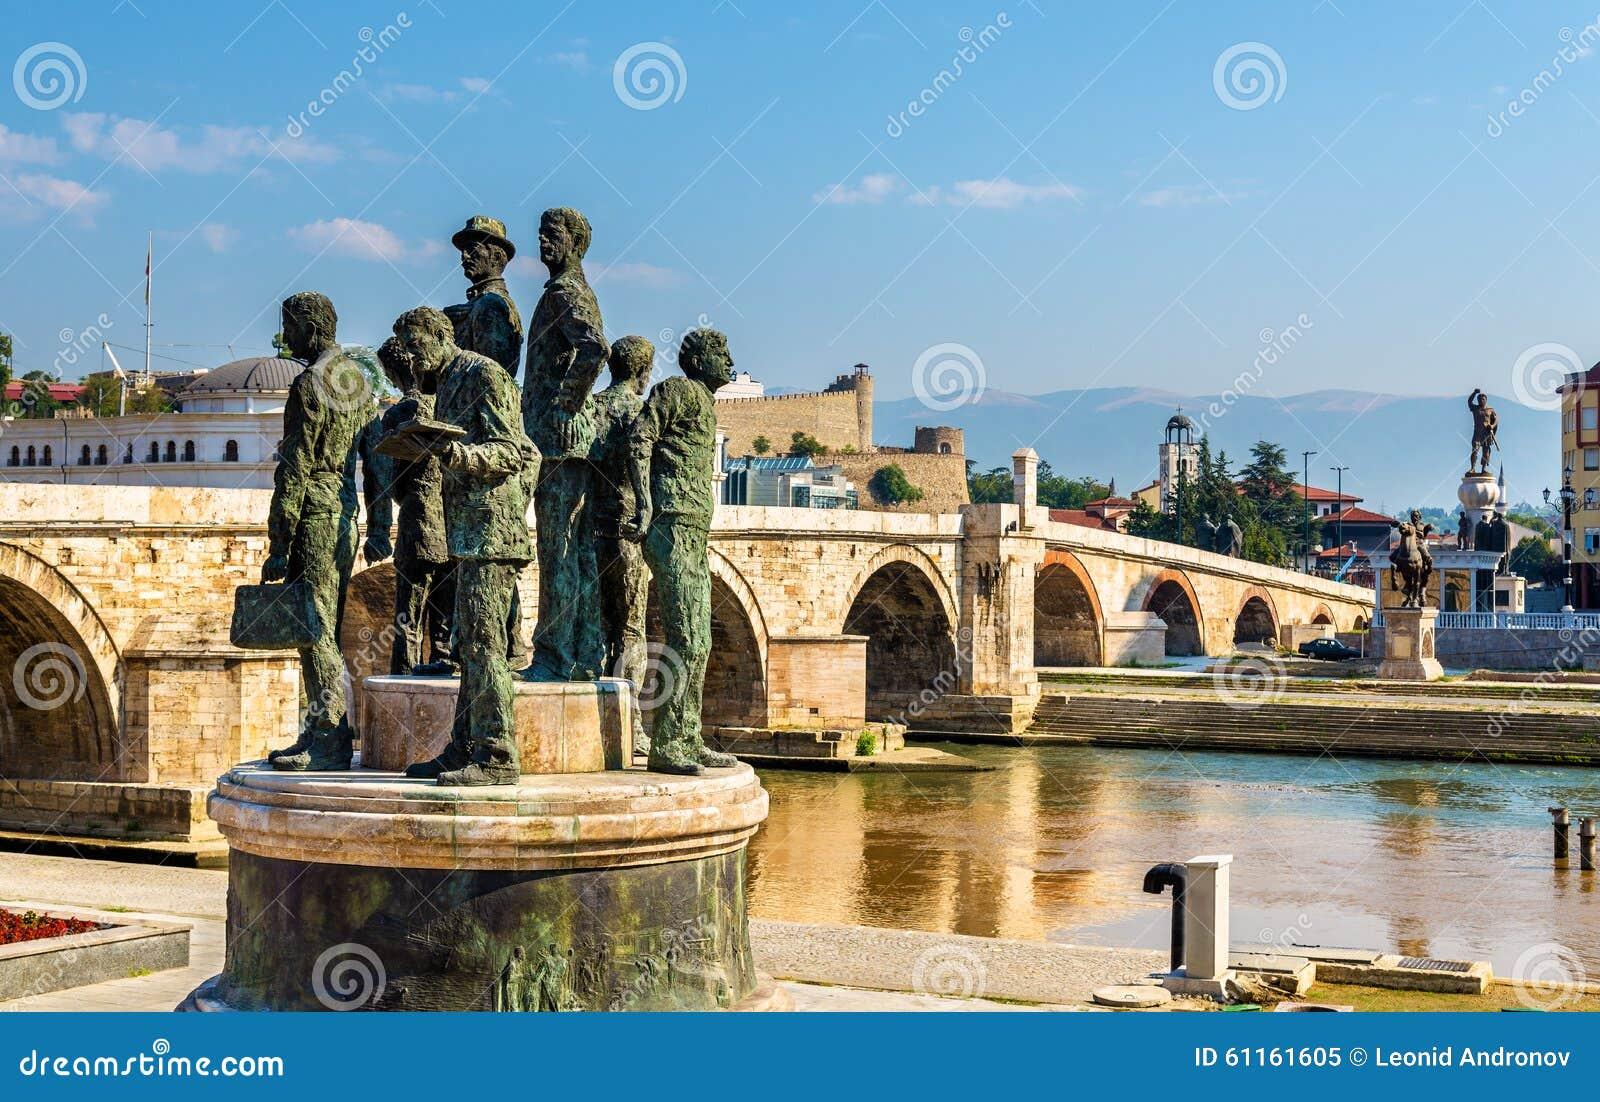 Monumento dos barqueiro de Salonica em Skopje